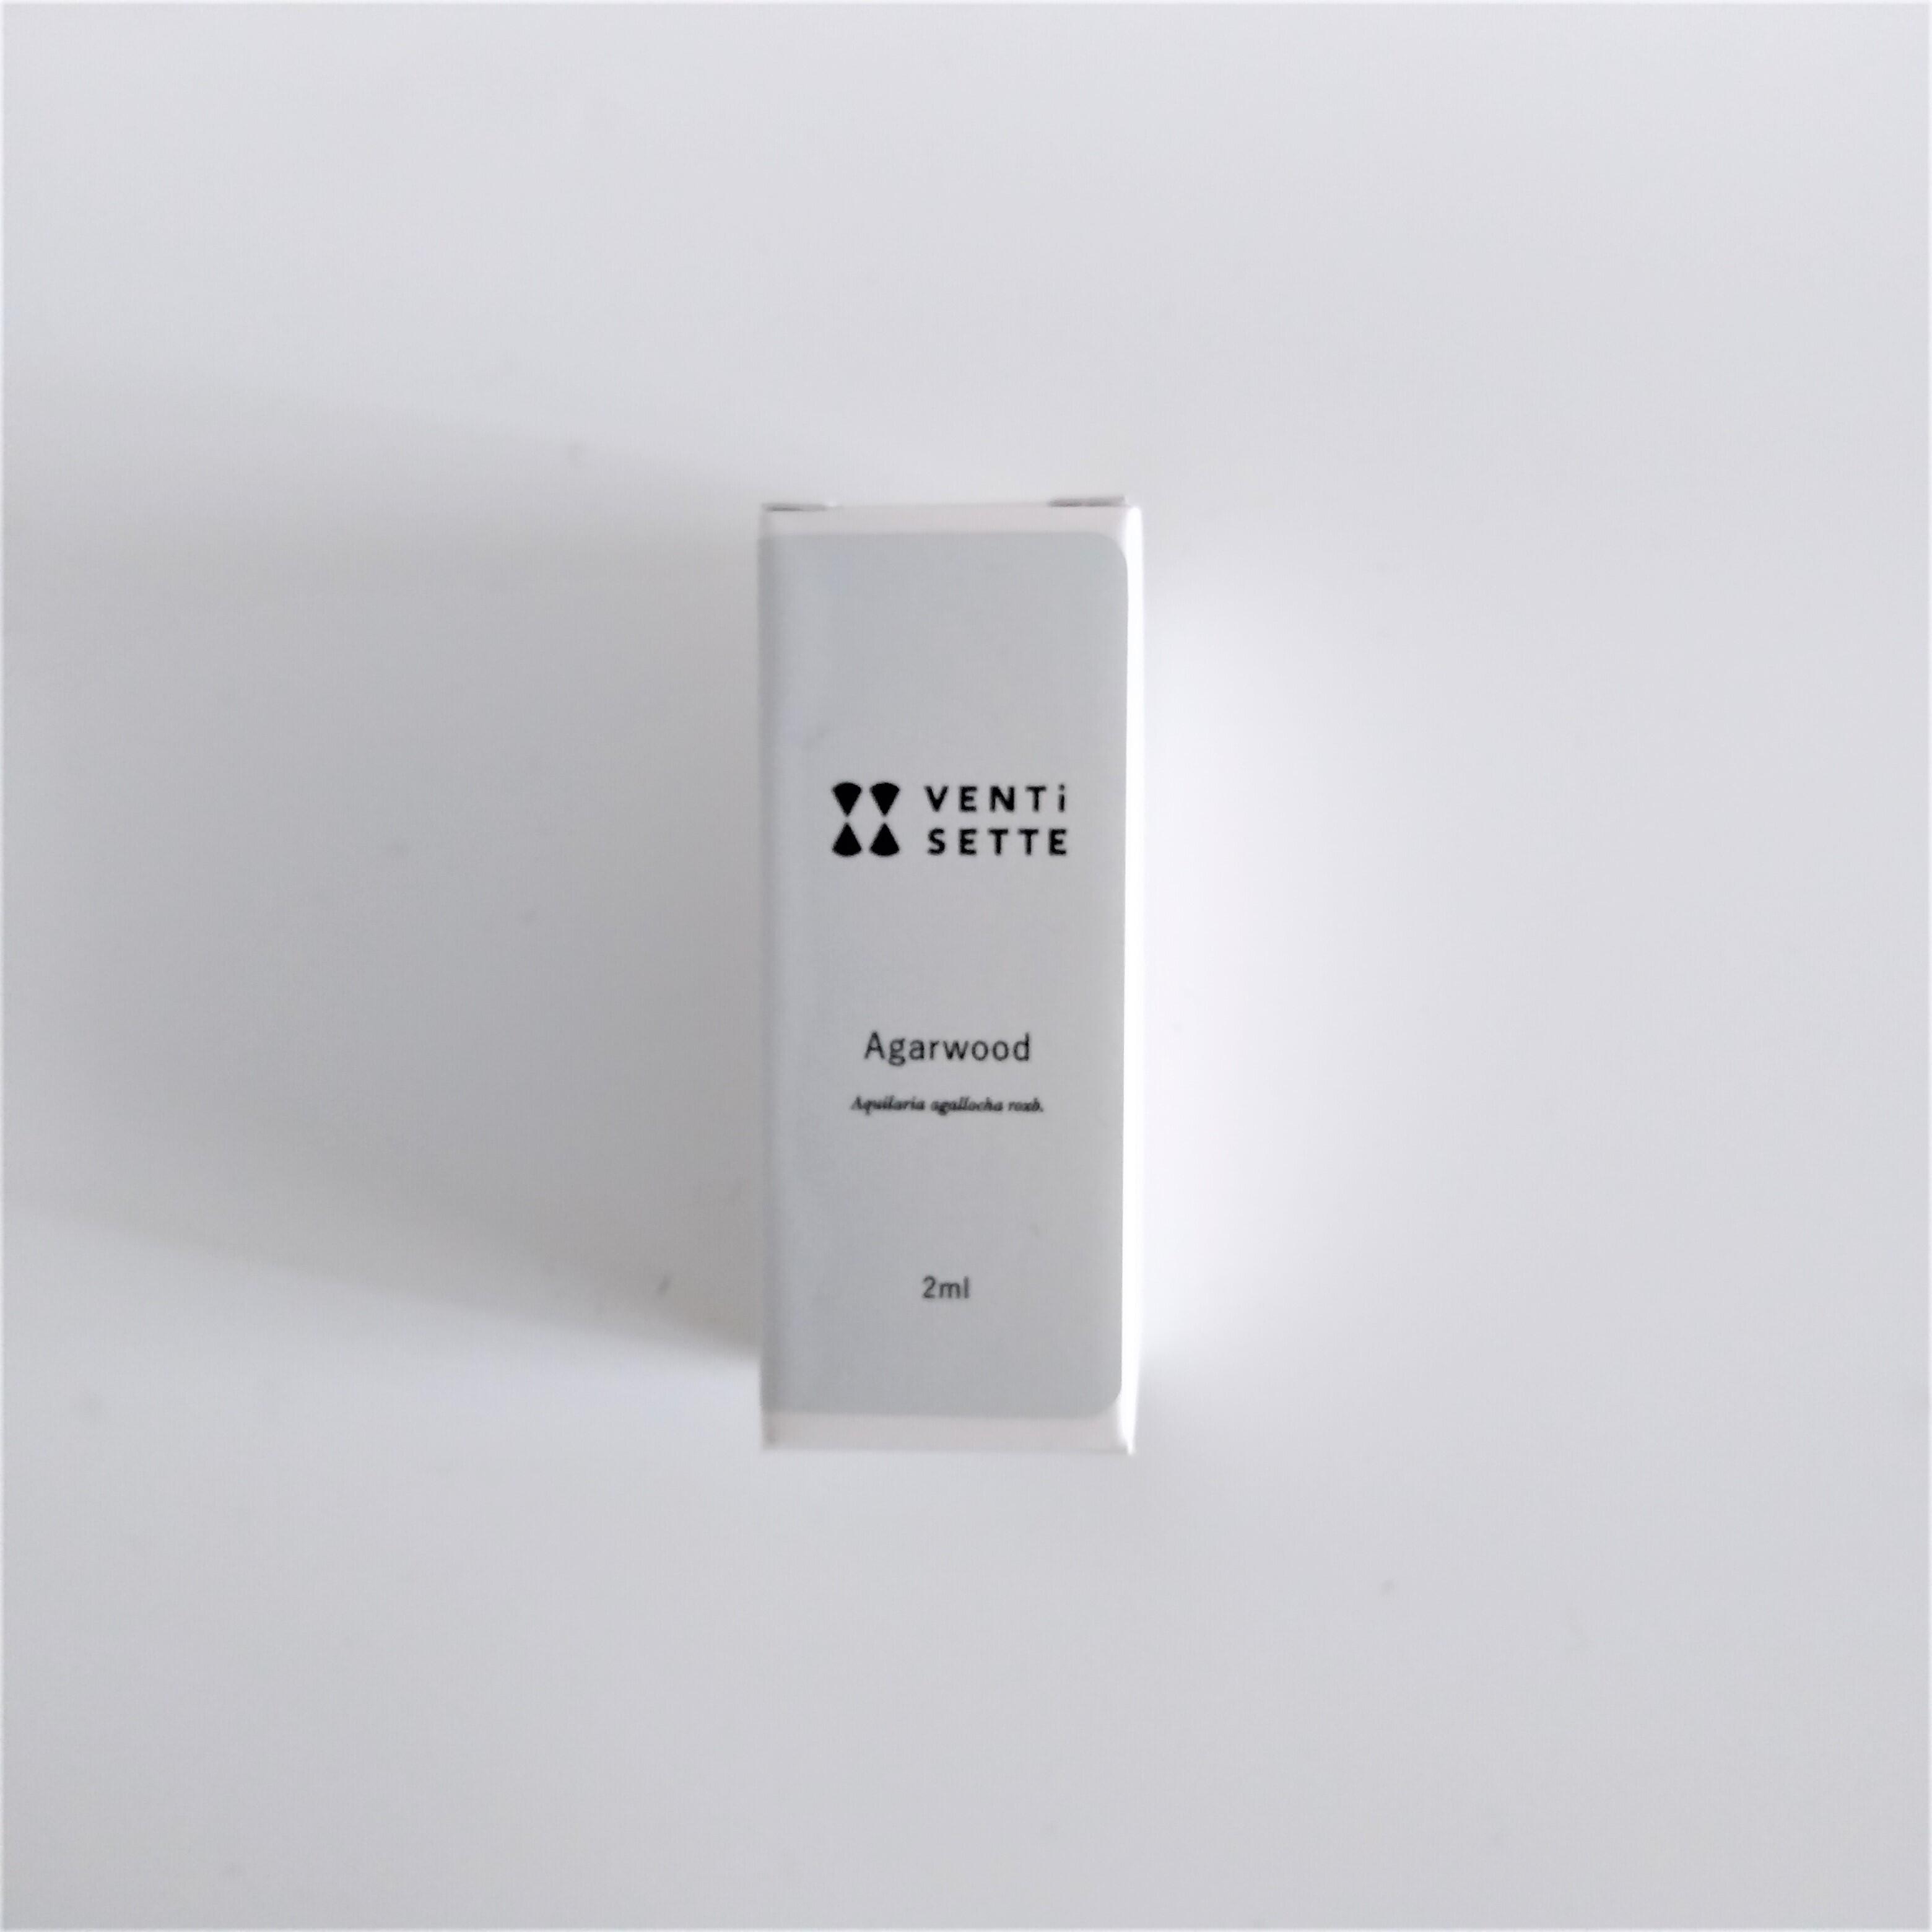 アガーウッド(沈香・伽羅)エッセンシャルオイル25% 2ml